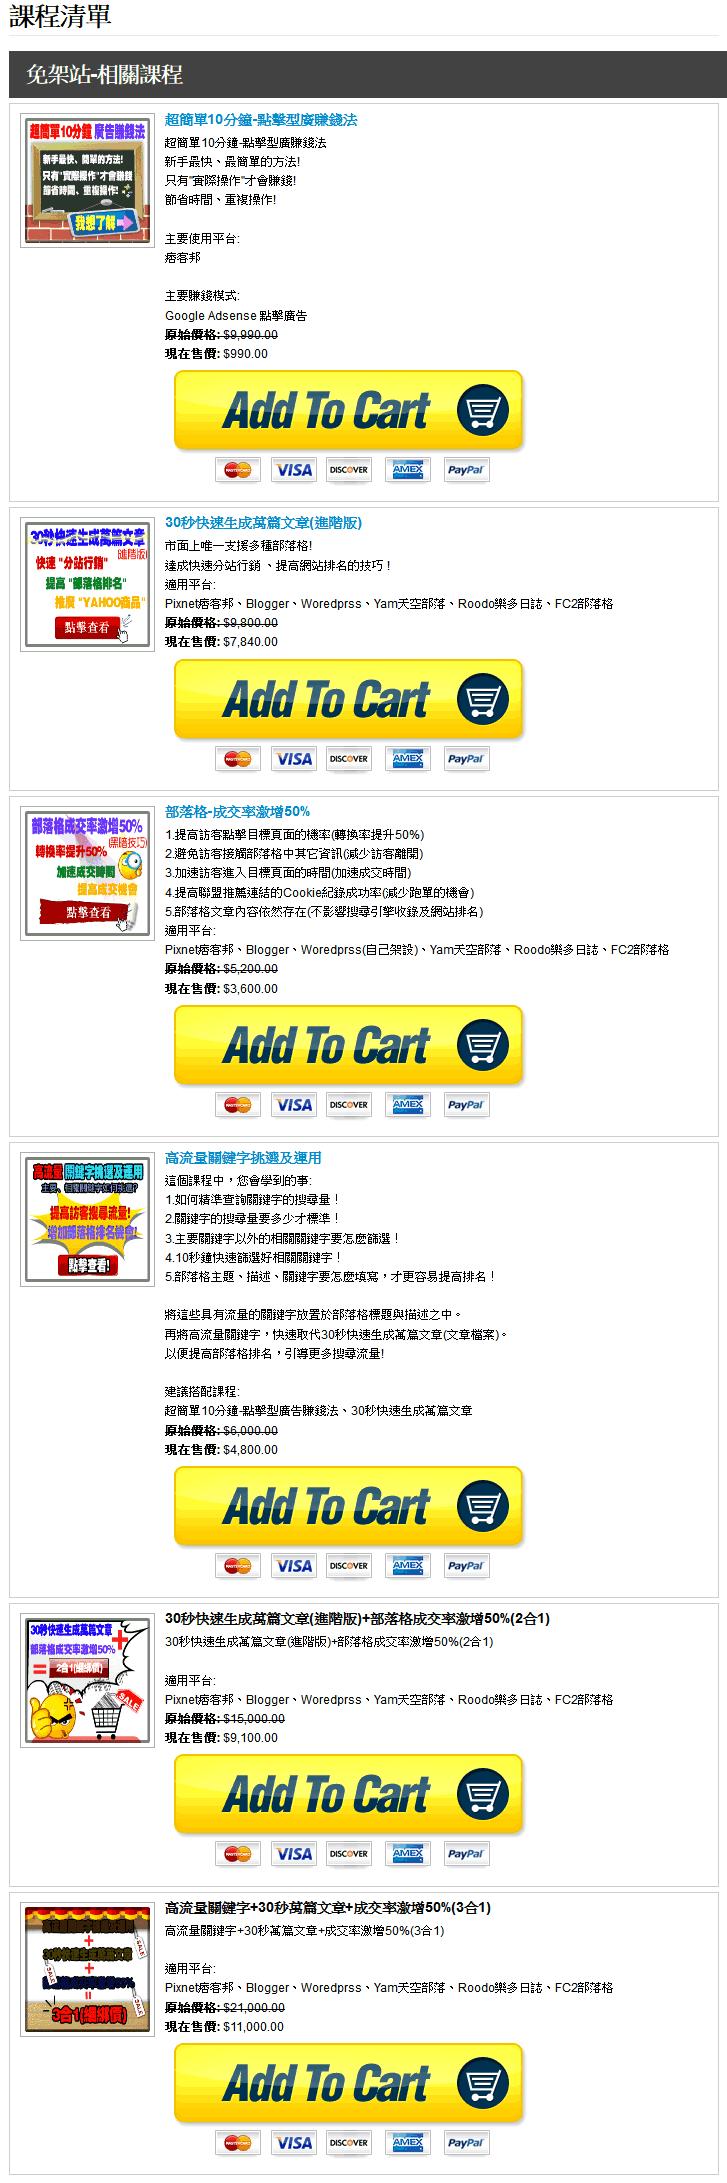 零成本-網路行銷與賺錢線上學習網-課程清單